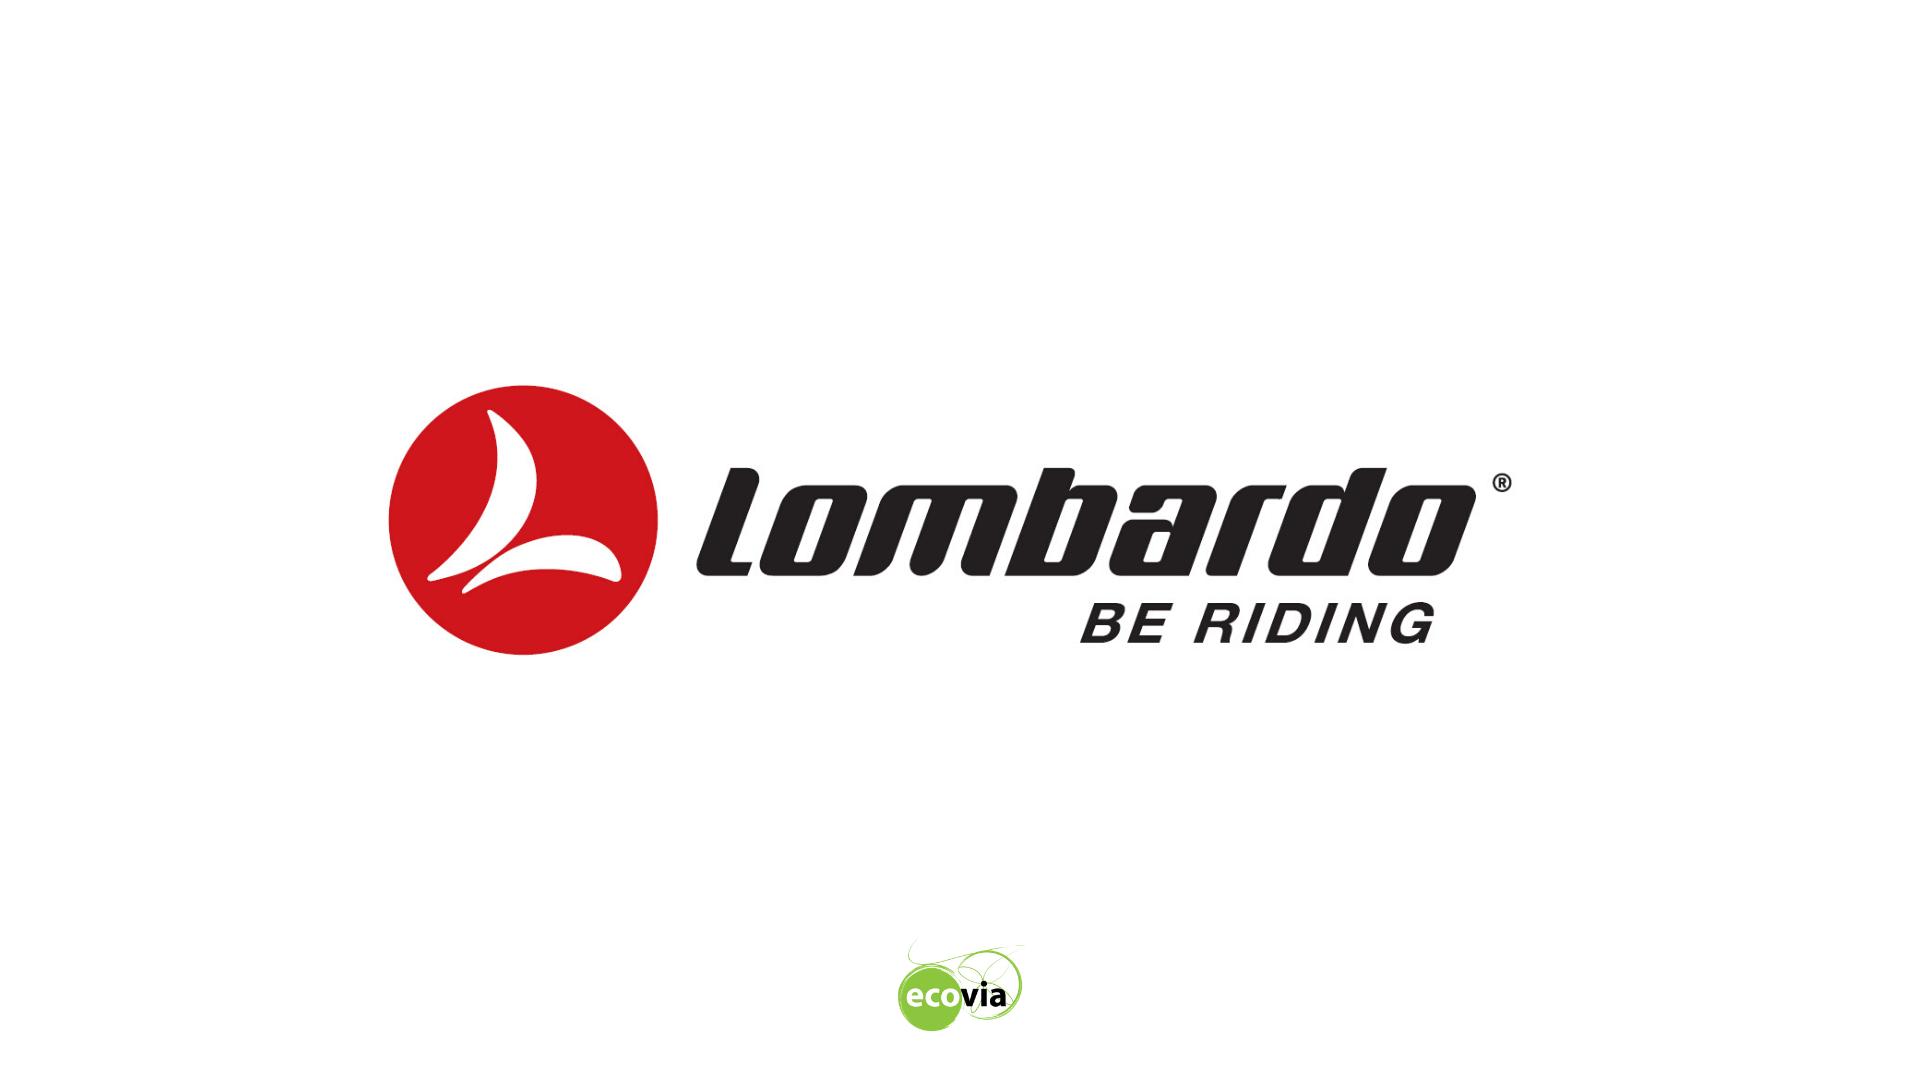 bici elettriche Lombardo